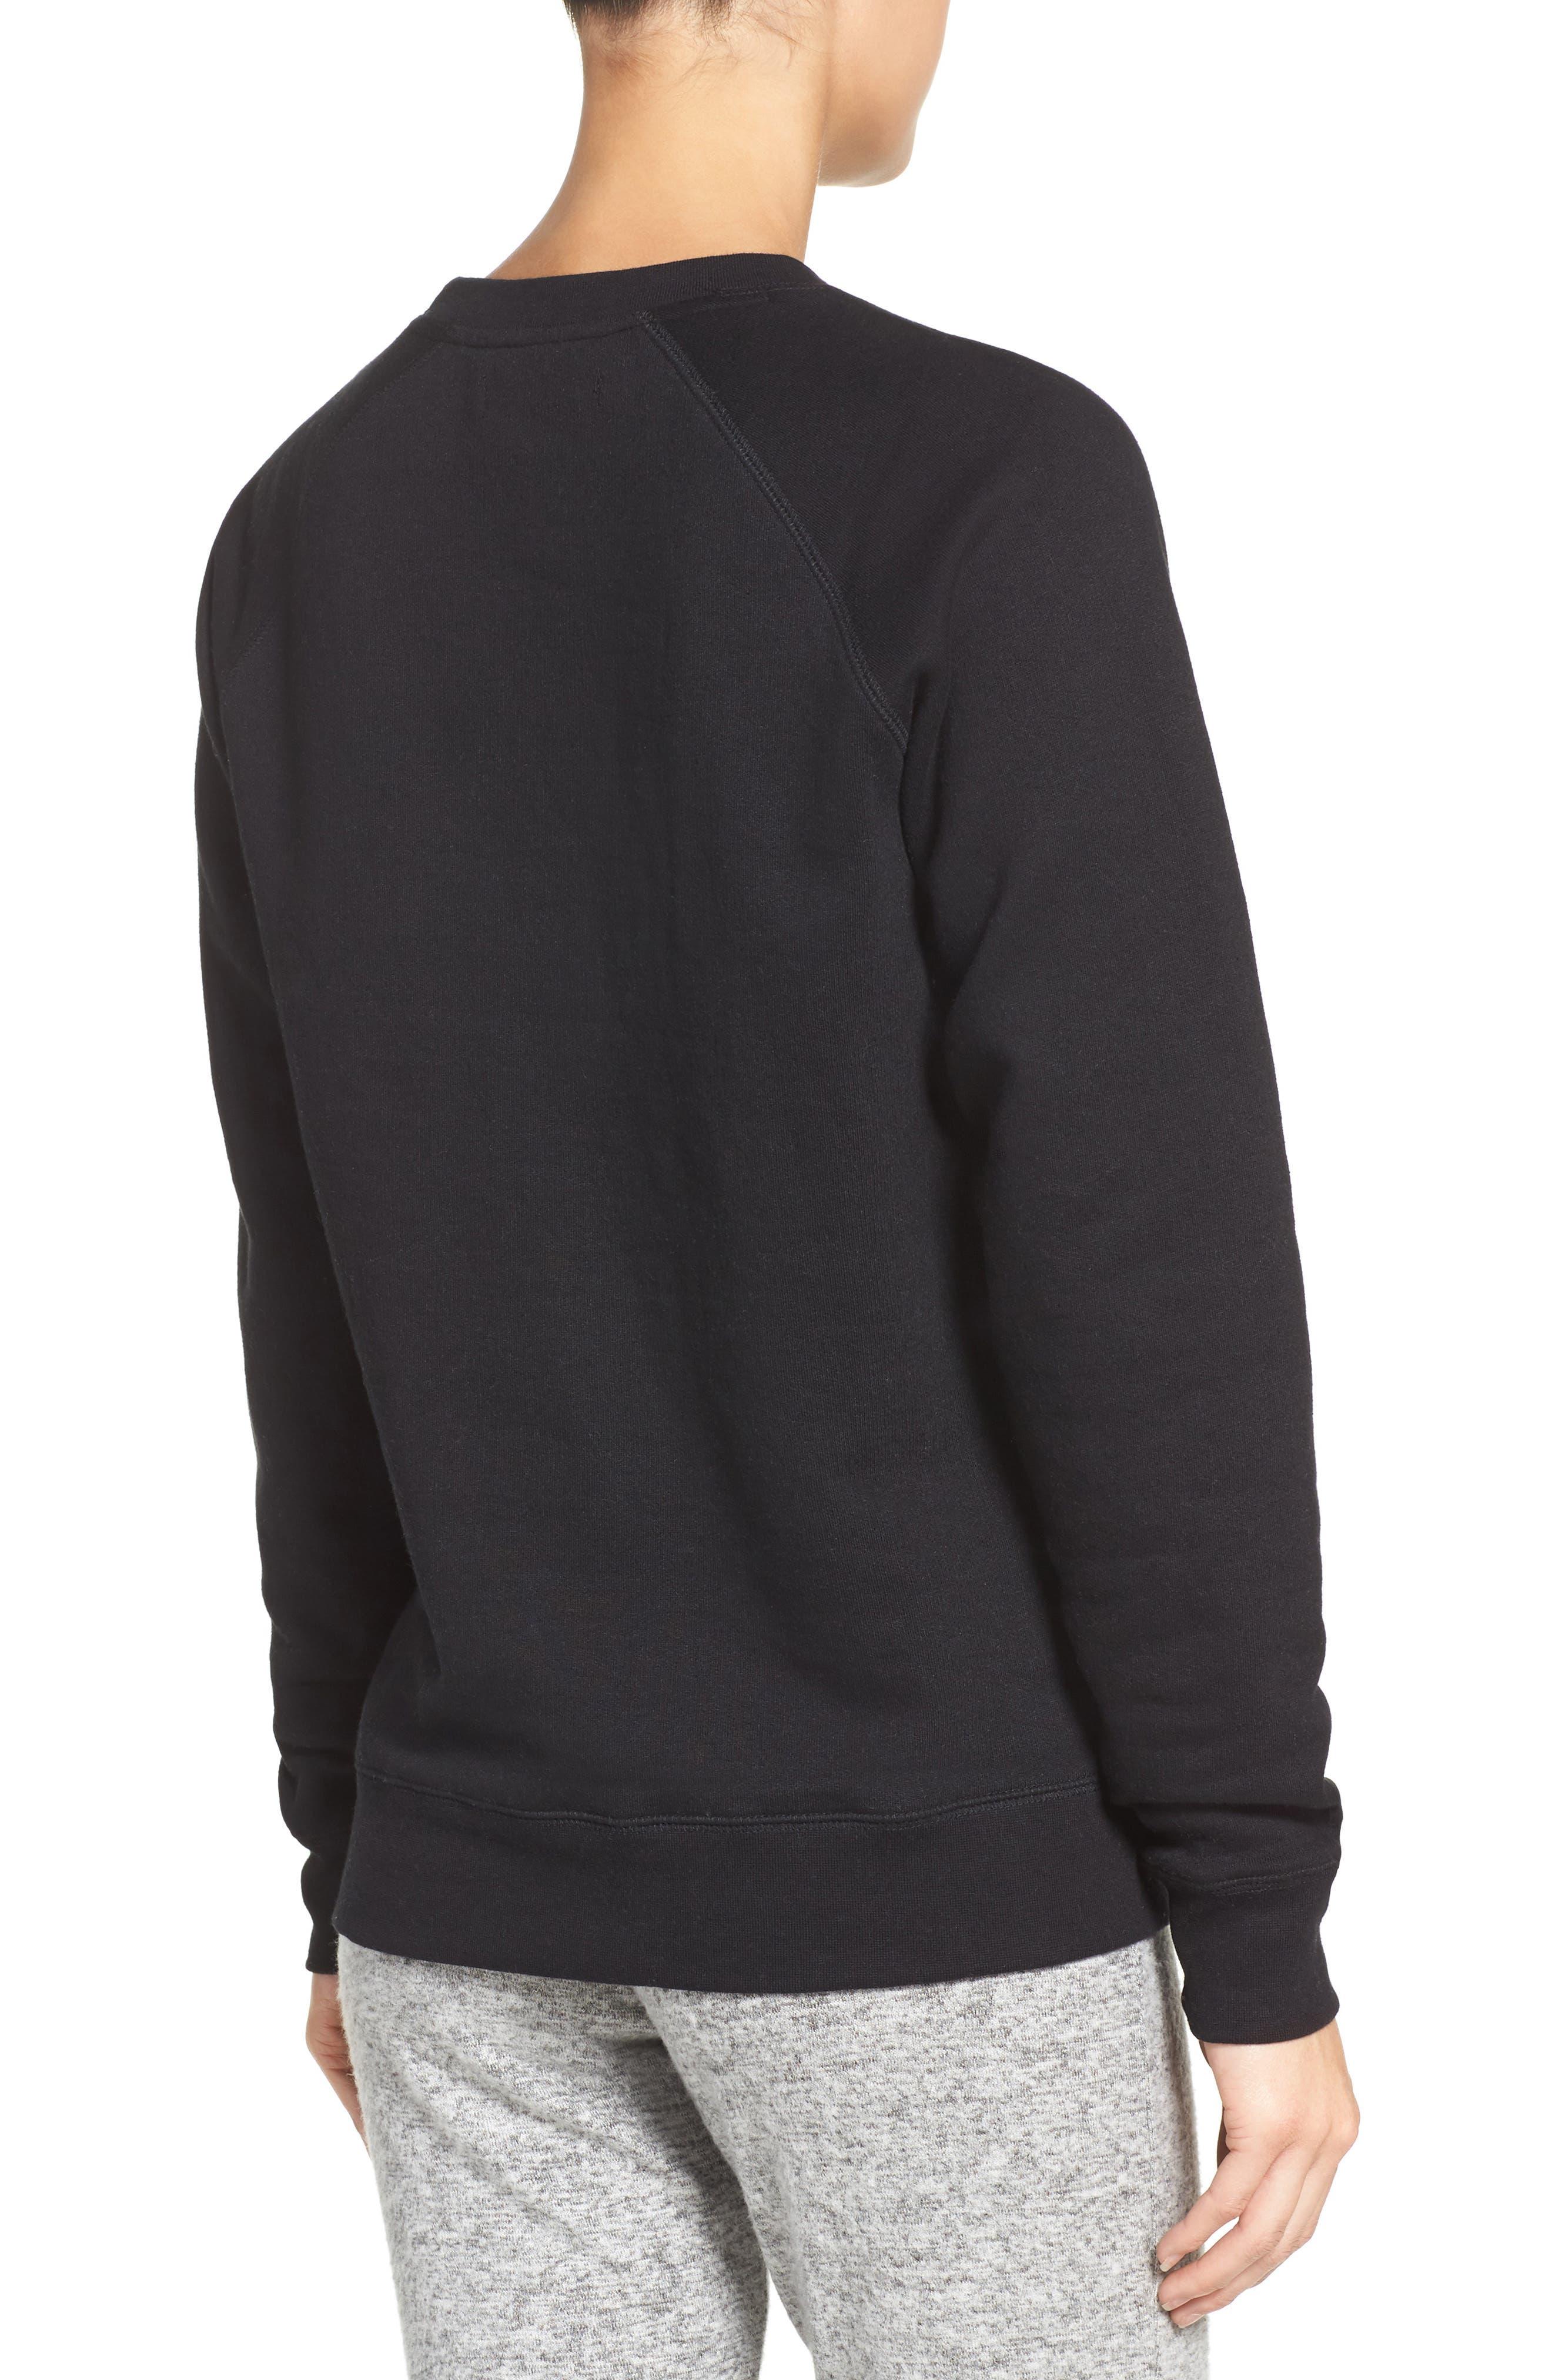 Brunette Crewneck Sweatshirt,                             Alternate thumbnail 3, color,                             001